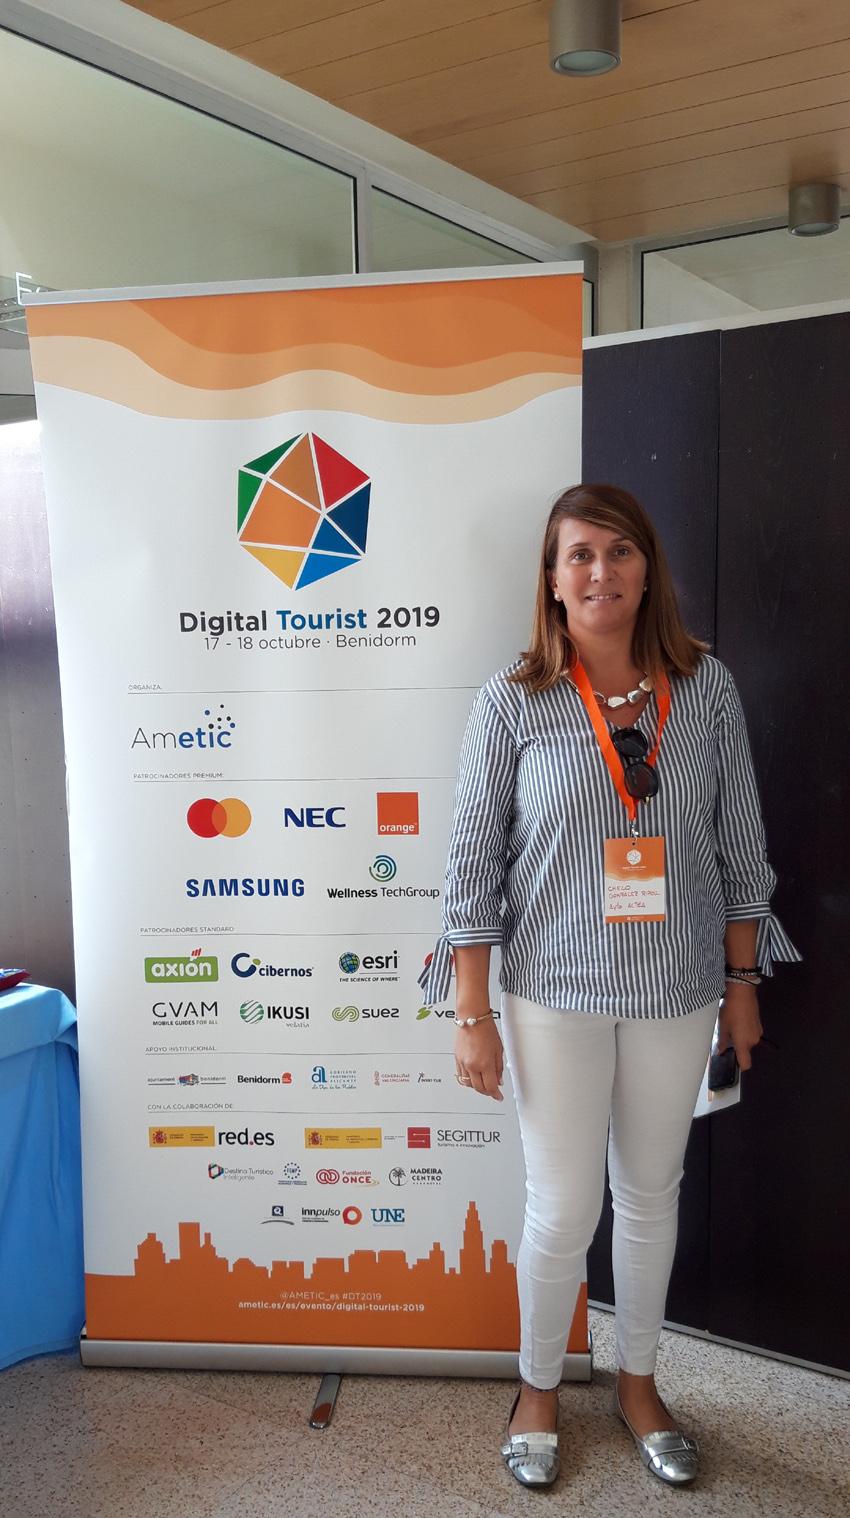 Regidora i tècnica de Turisme assisteixen a la jornada Digital Tourist 2019